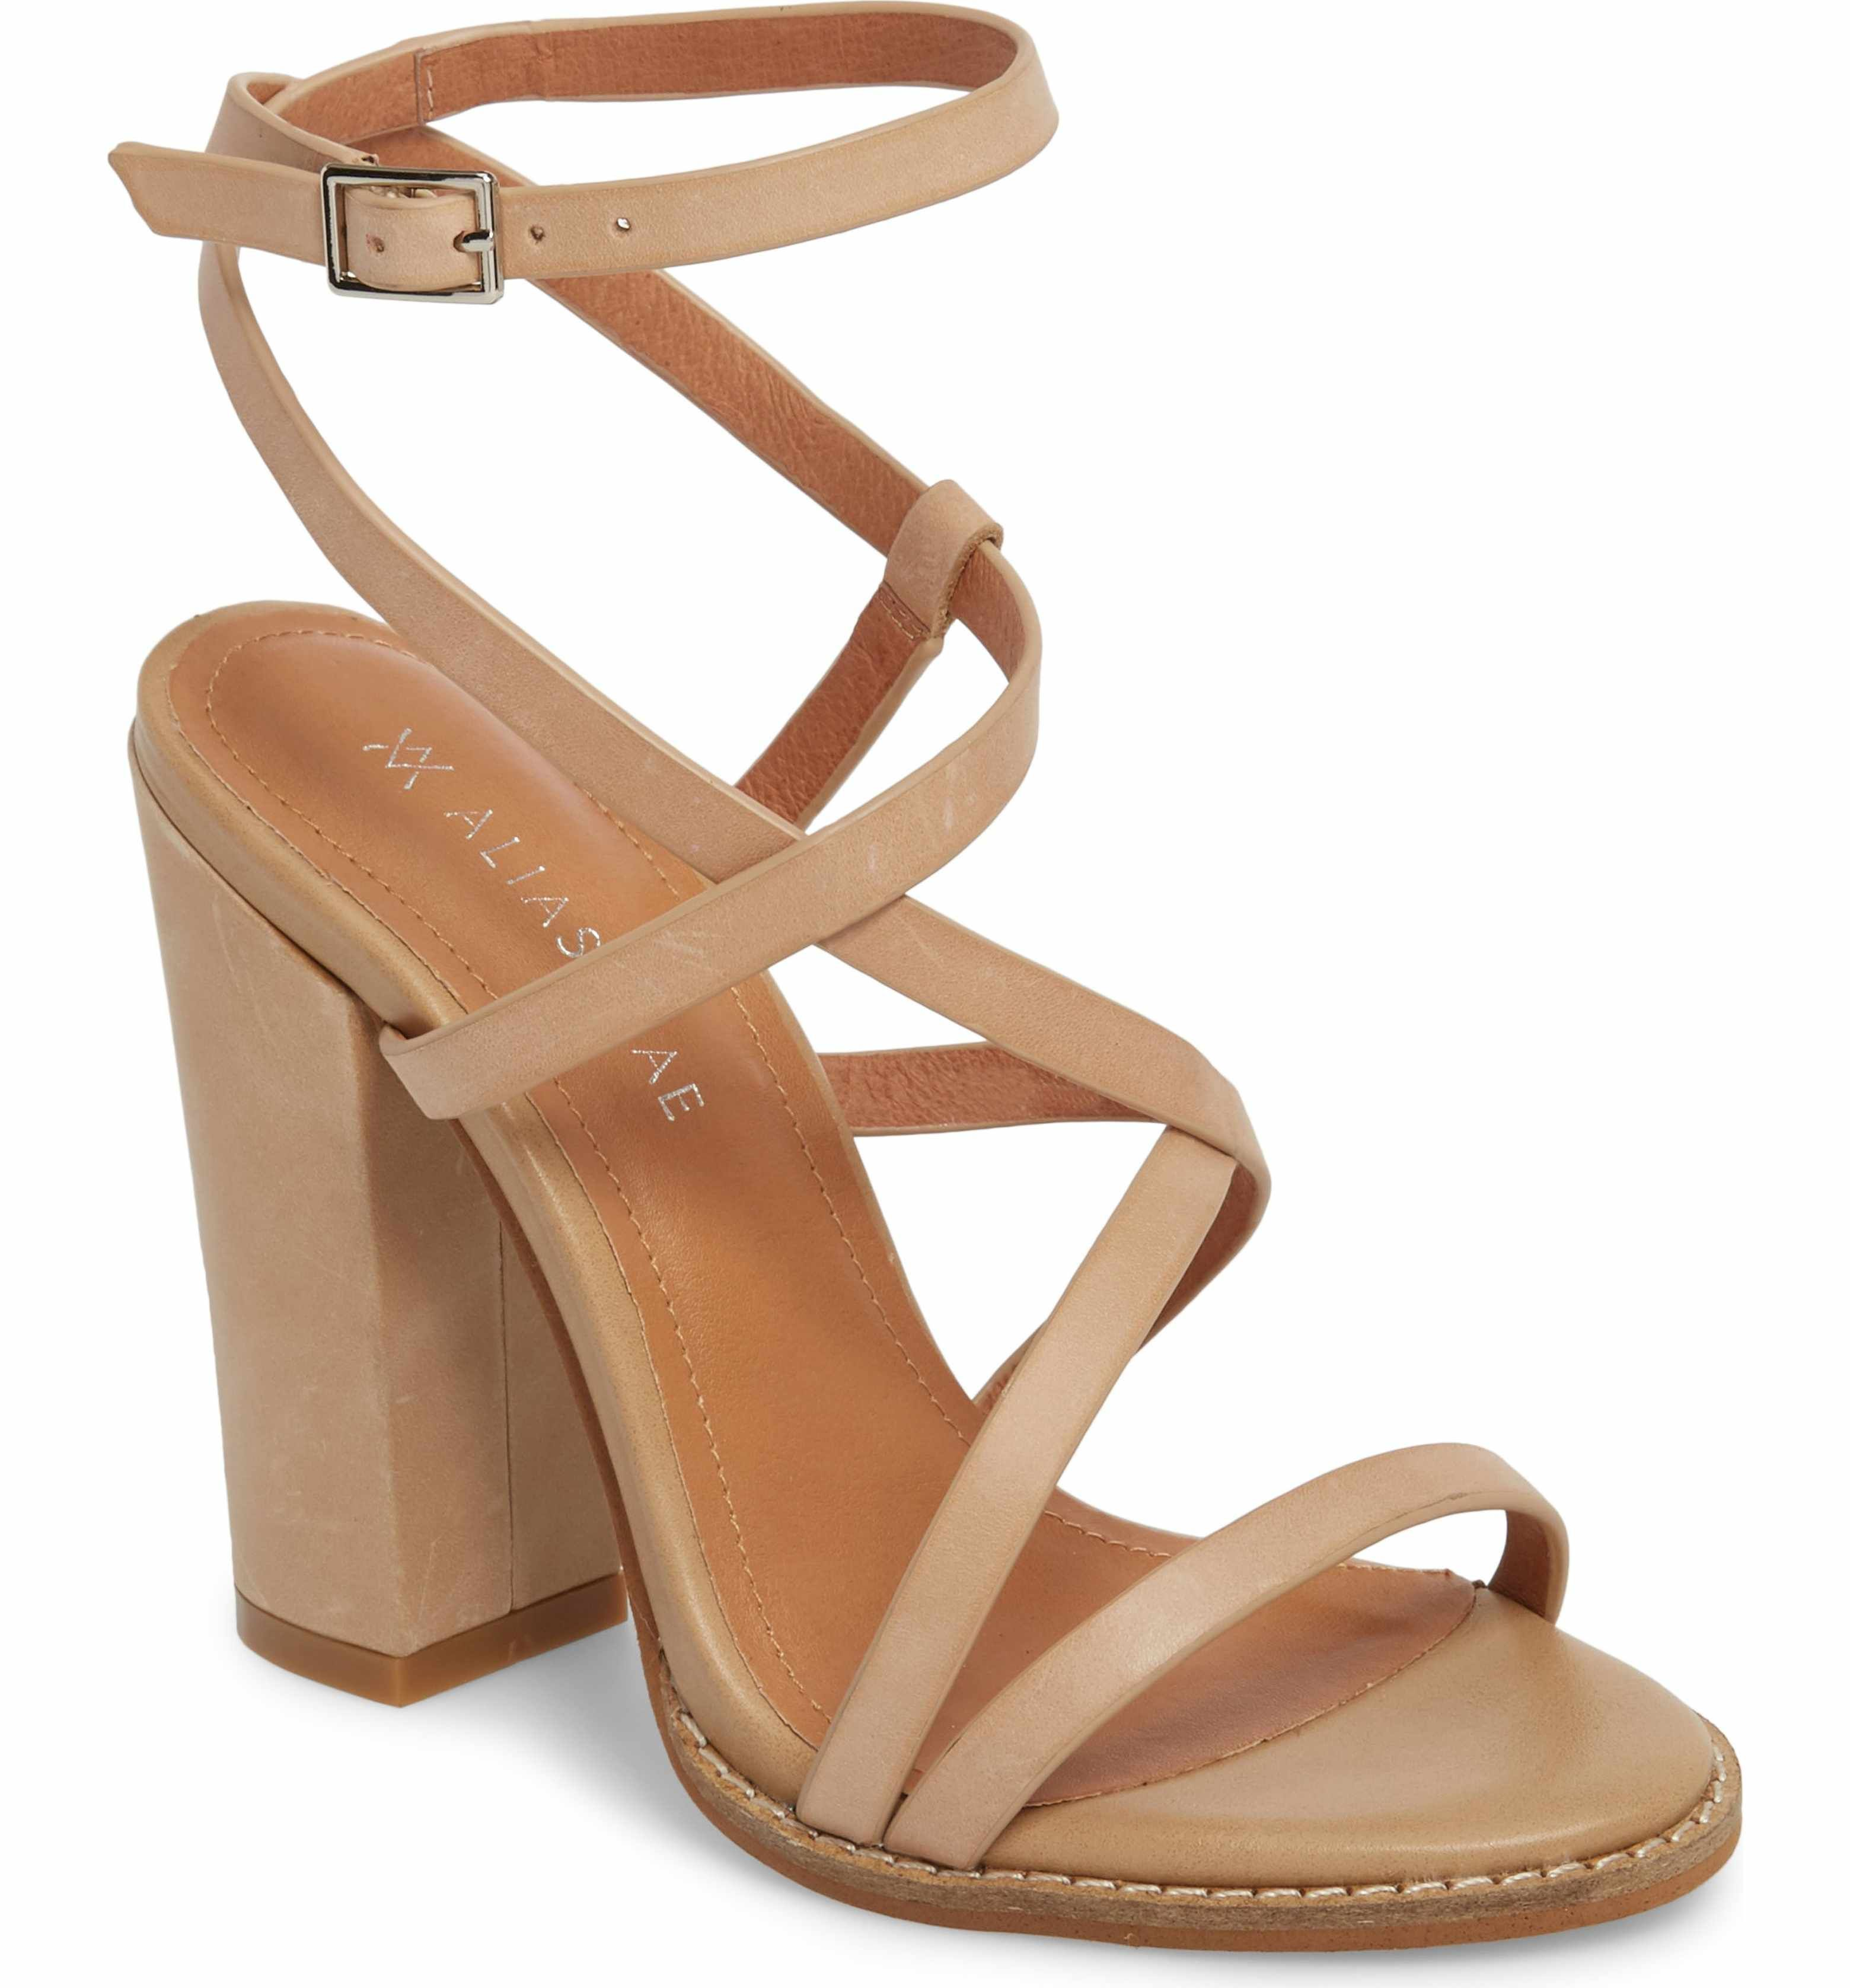 693905684 Main Image - Alias Mae Jyve Asymmetrical Cross Strap Sandal (Women ...